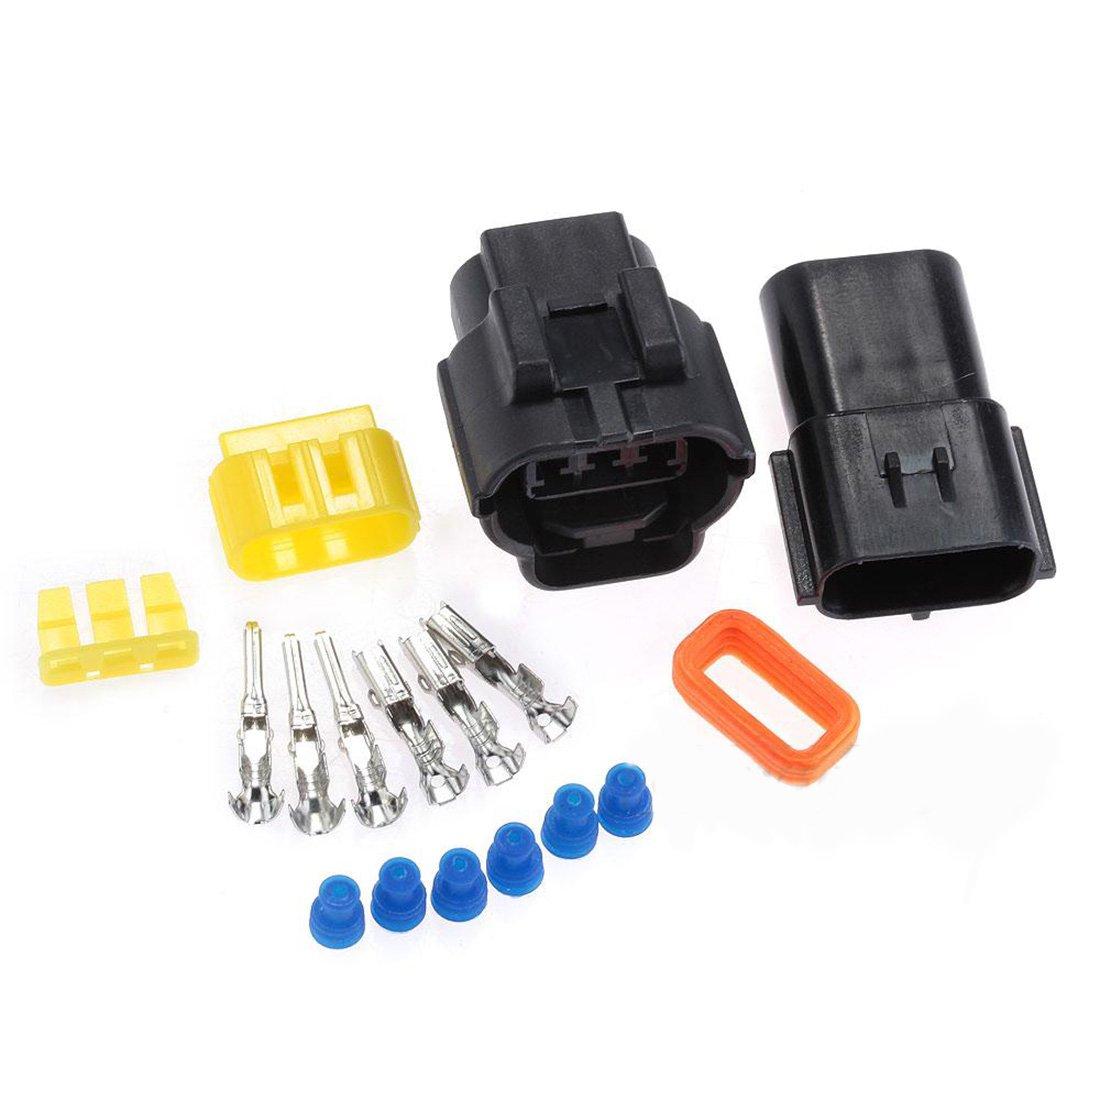 2 jeux de voiture 3 broches é tanche Fil connecteur de câ ble prise mâ le et femelle de Kits de durable Auto é lectrique Luwu-Store